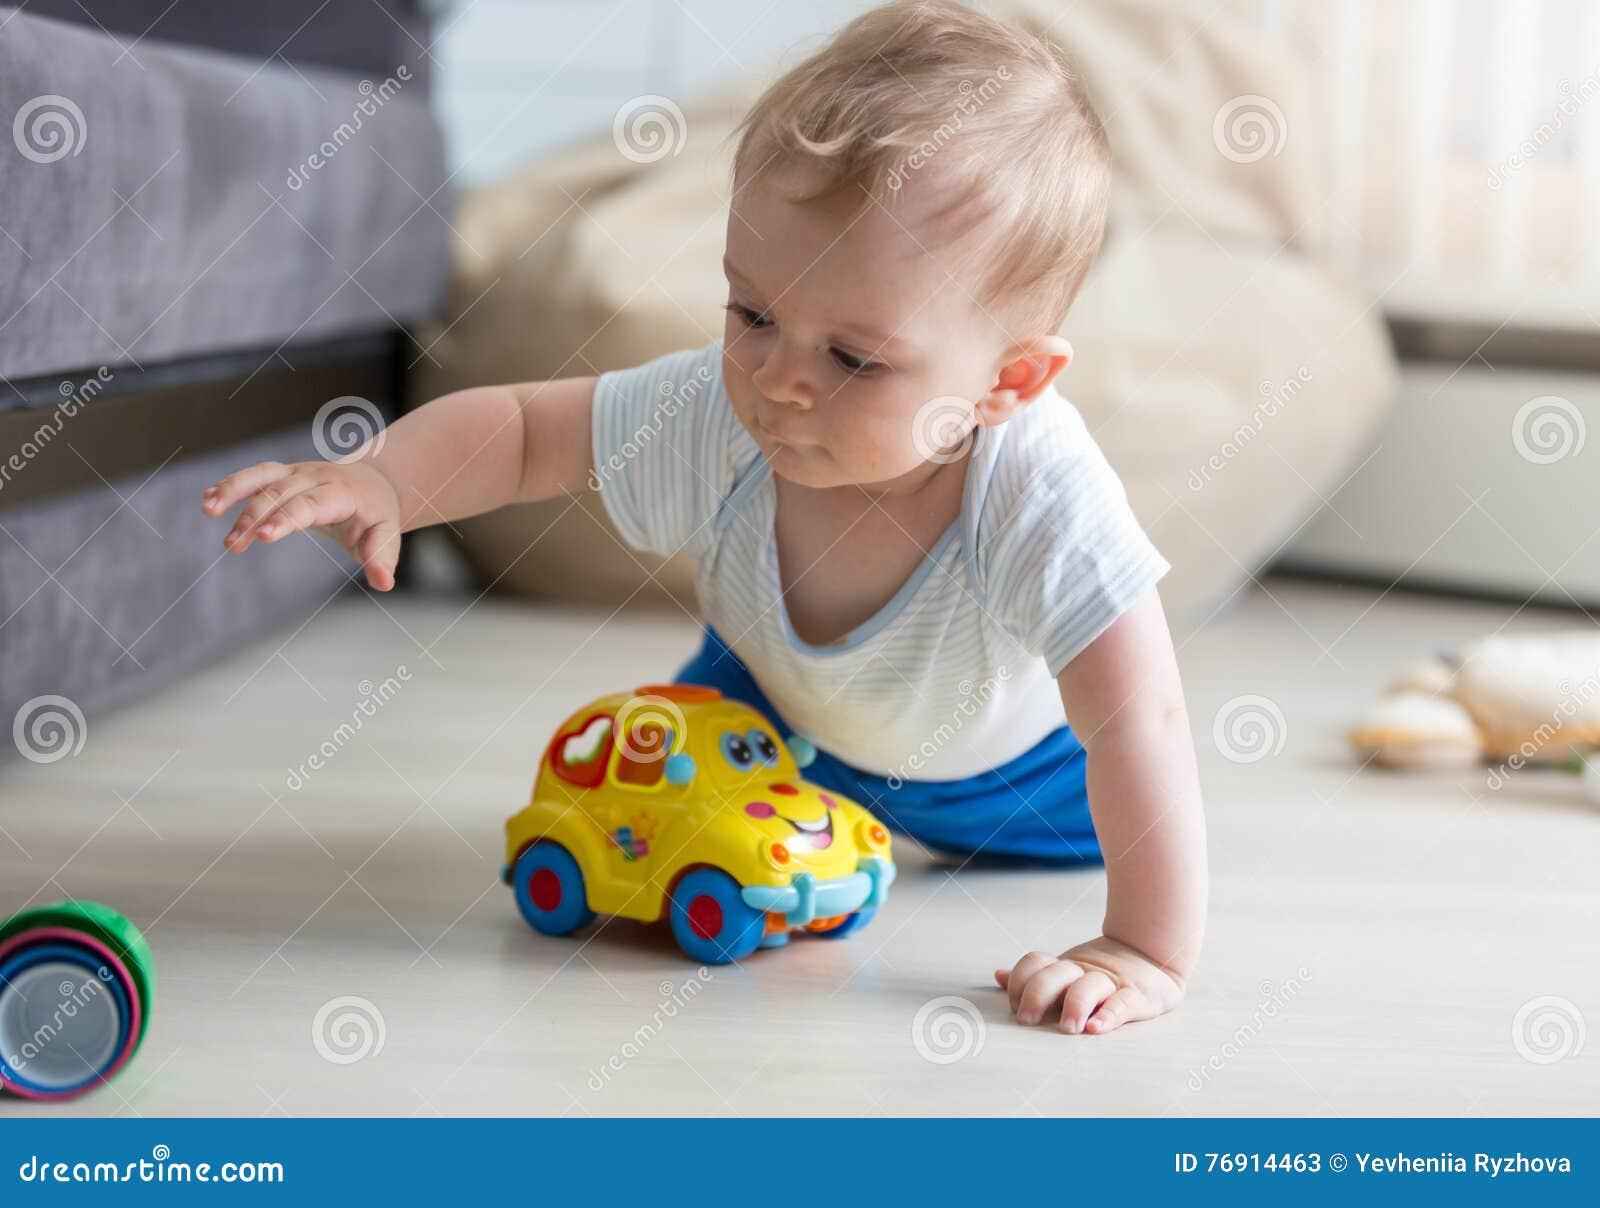 爬行在地板上和使用与玩具的逗人喜爱的男婴画象